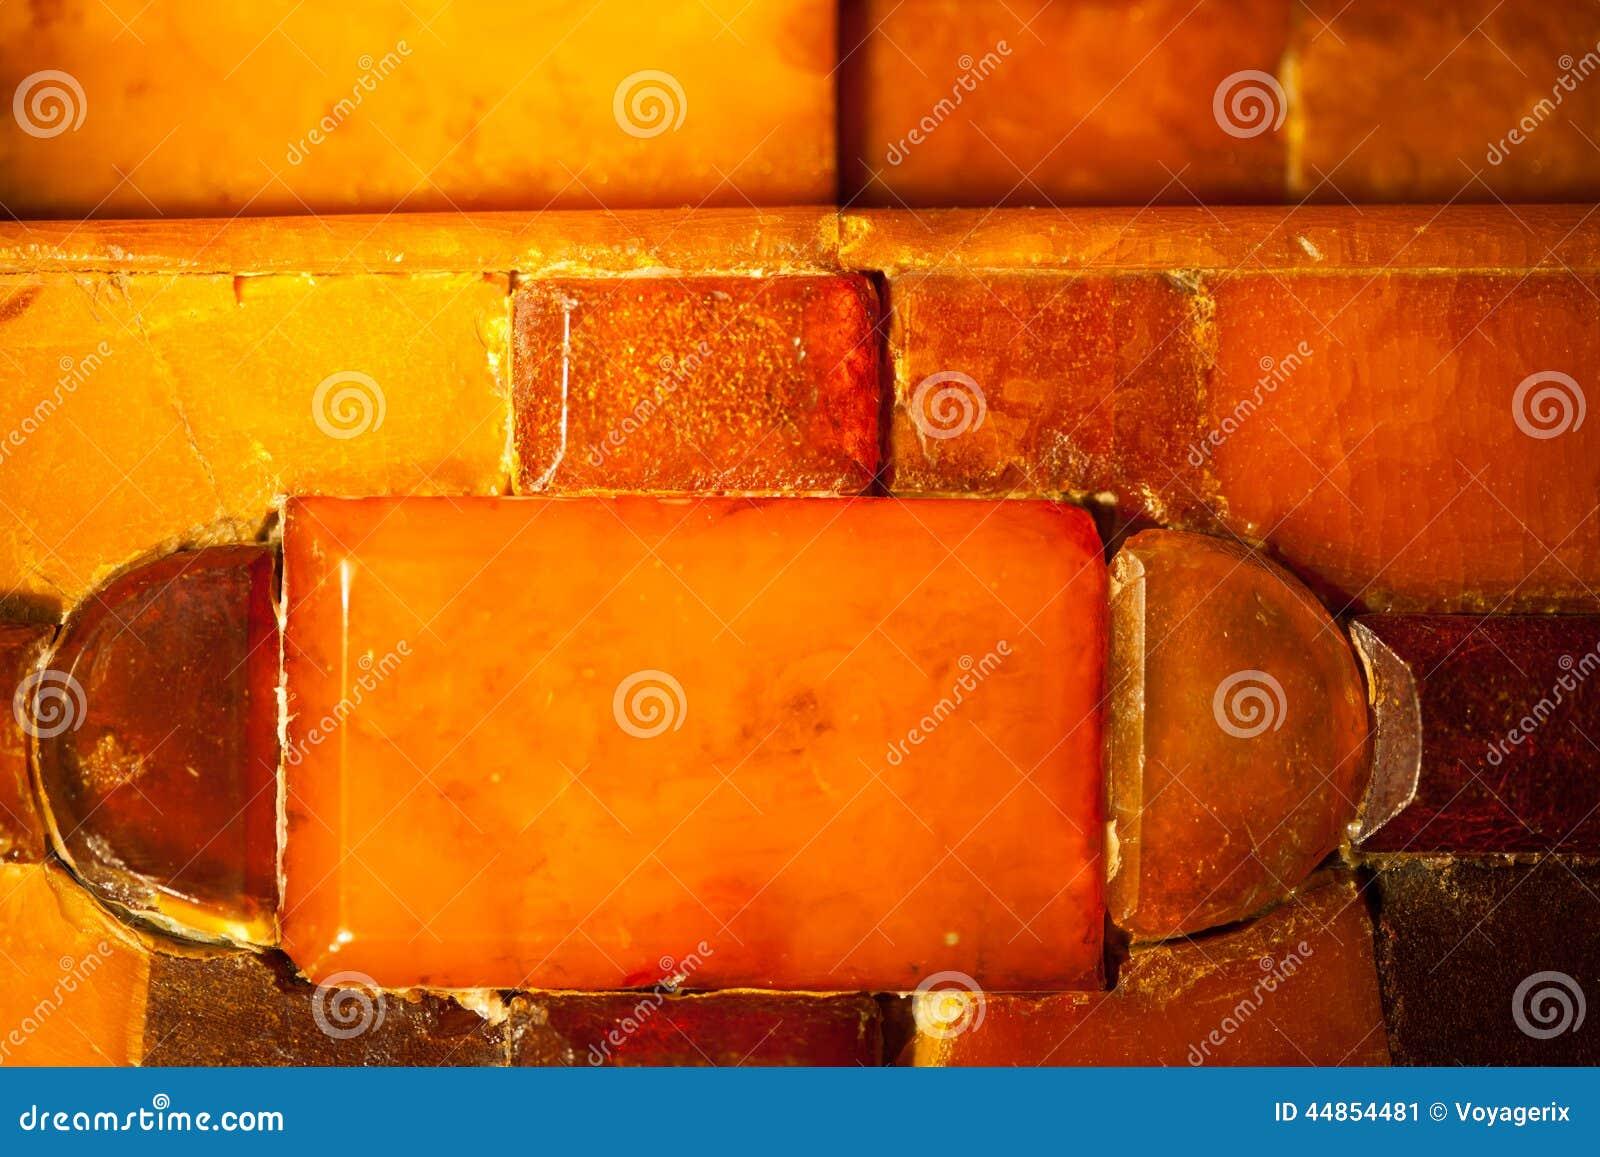 Primer del mosaico ambarino de oro como fondo o textura gema